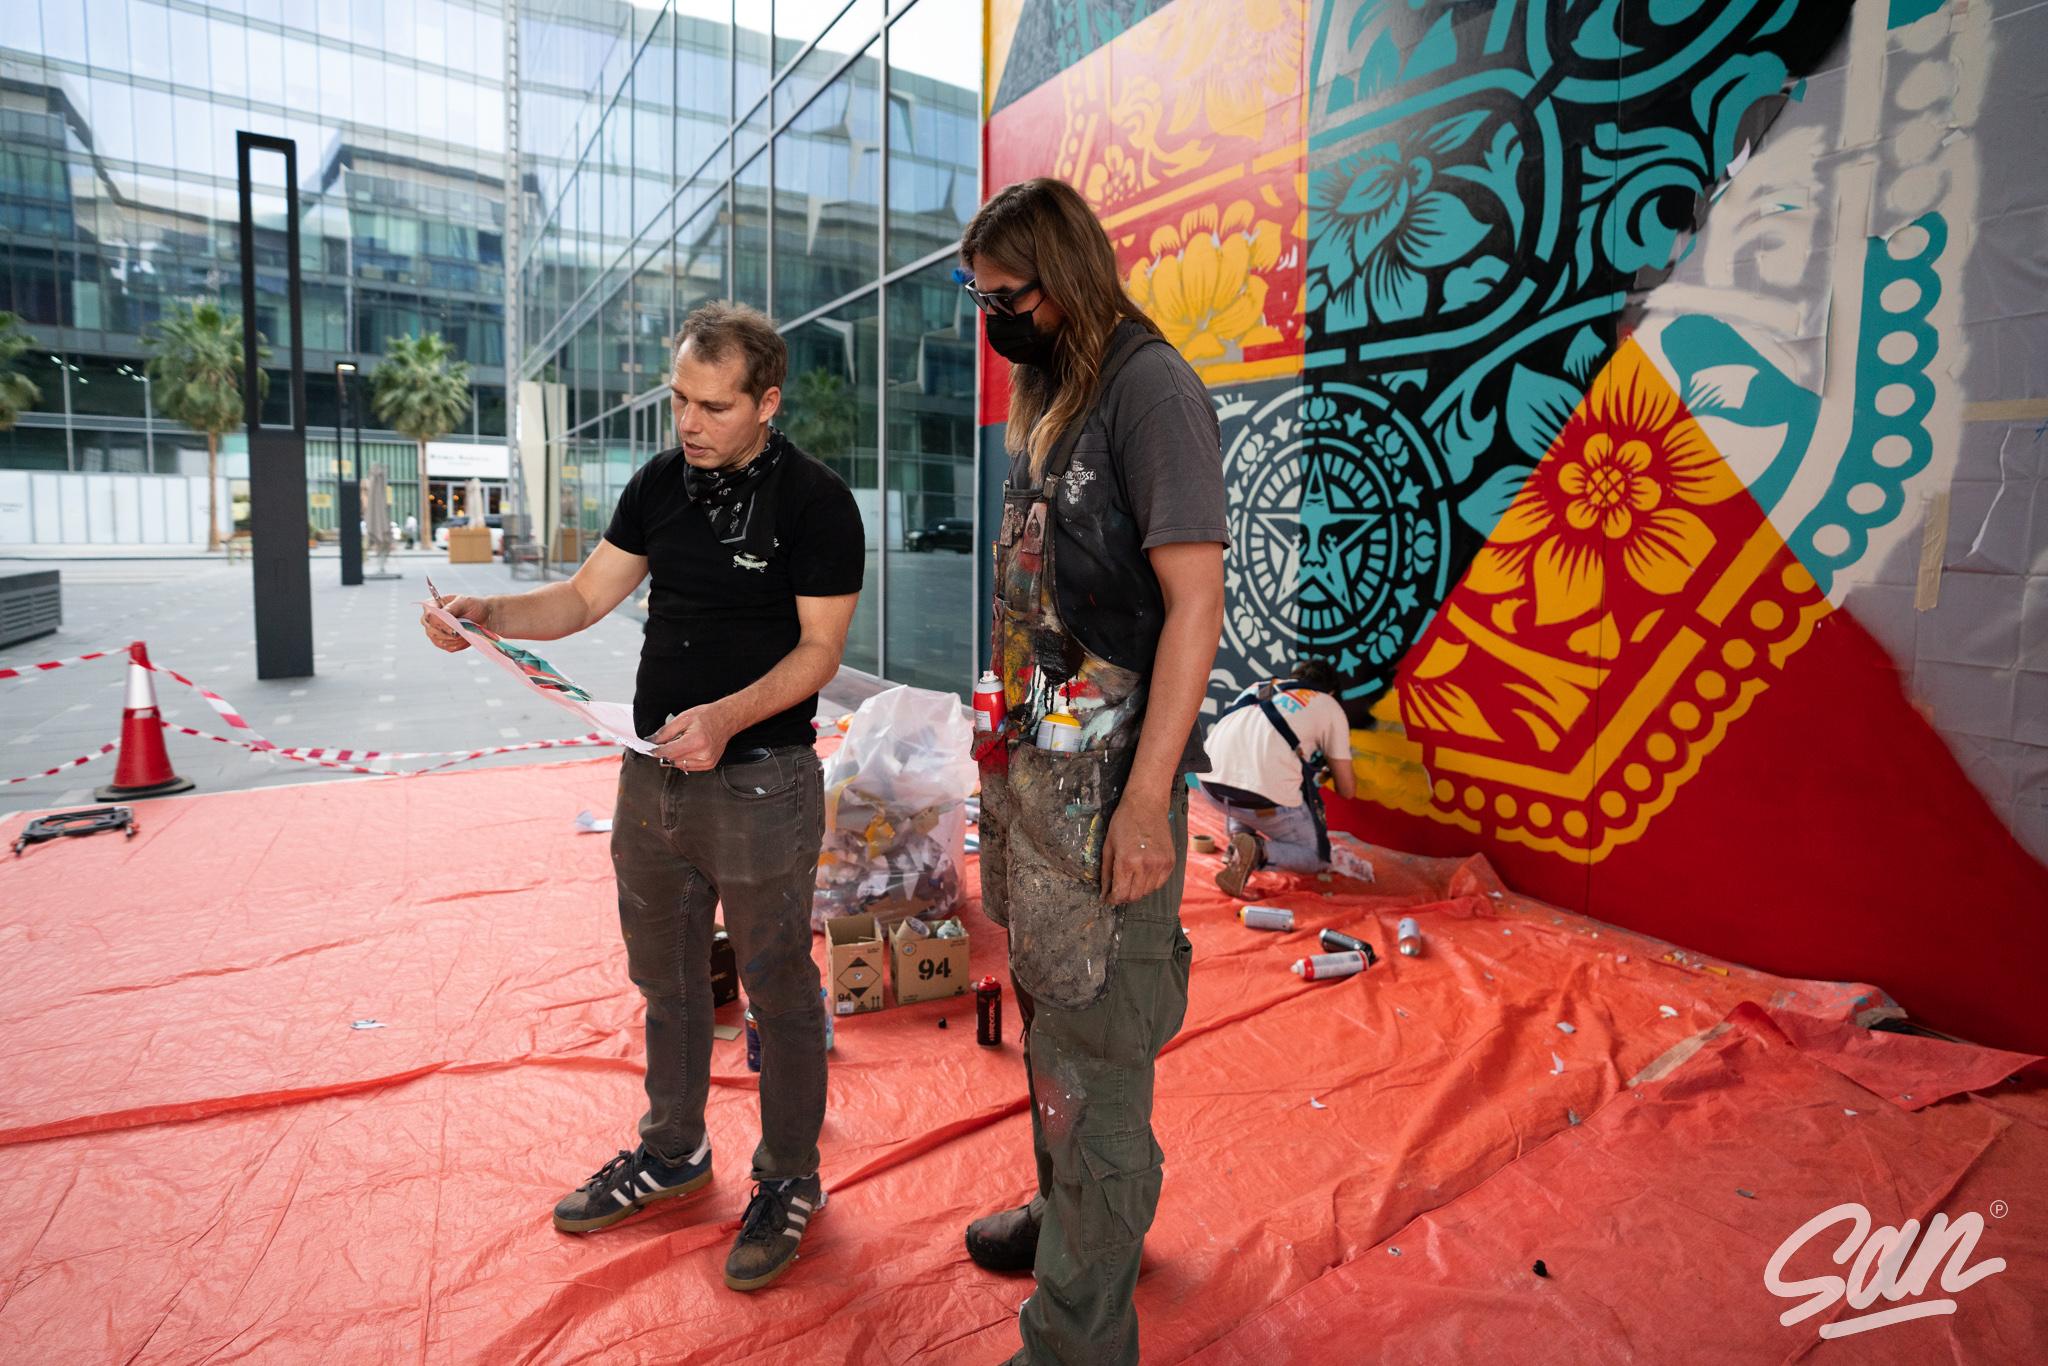 Rise Above, de Shepard Fairey no Dubai Artes & contextos Shepard Fairey Dubai March 2021 13